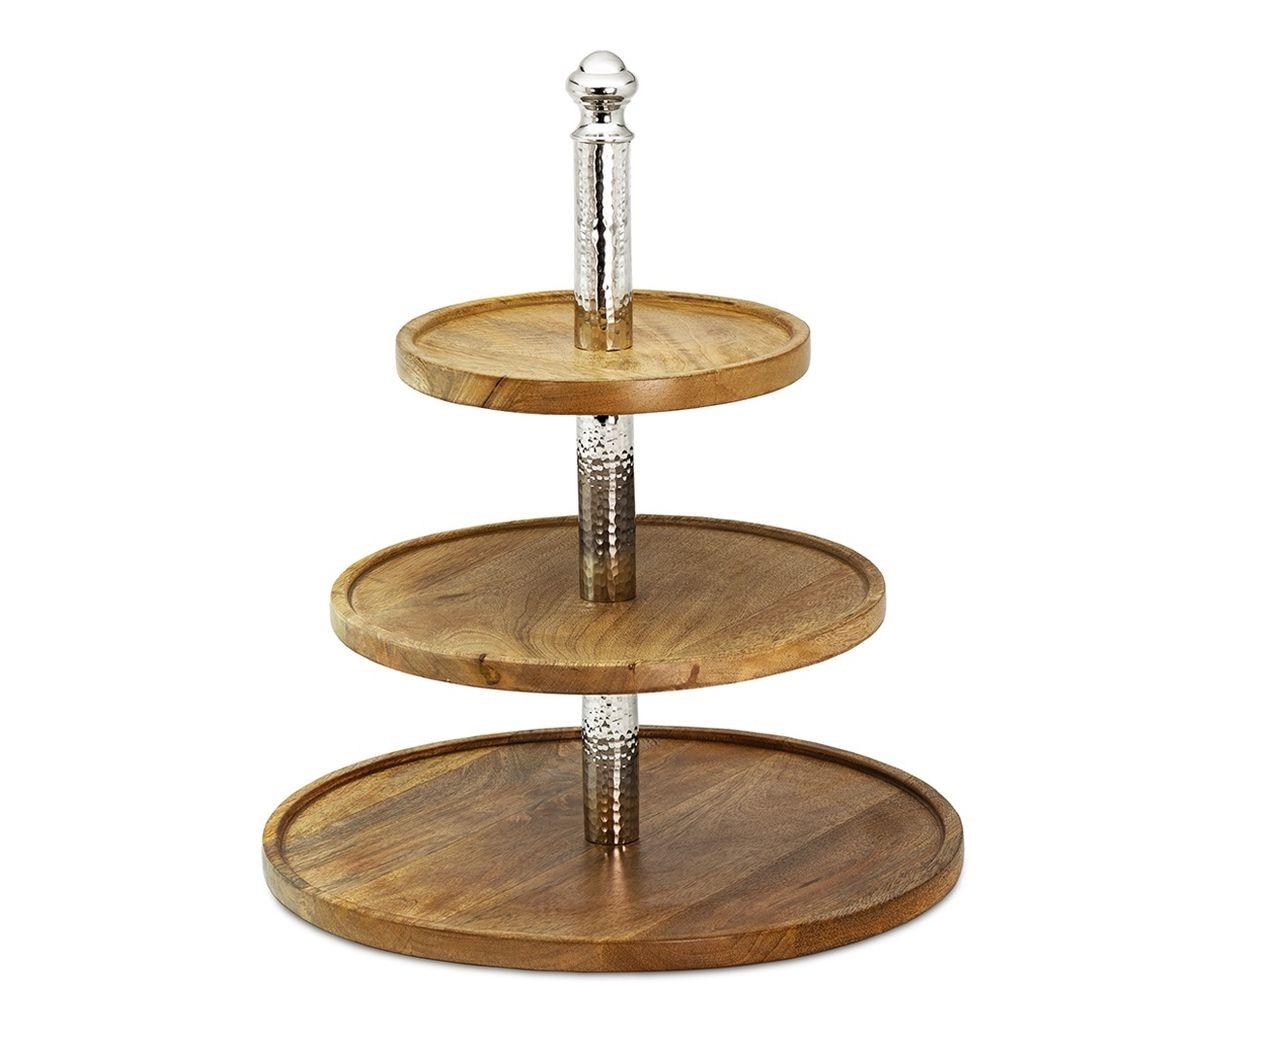 Alzata per dolci e frutta in legno 3 piani con colonna in ottone stile Martellata cm.41,5h diam.35